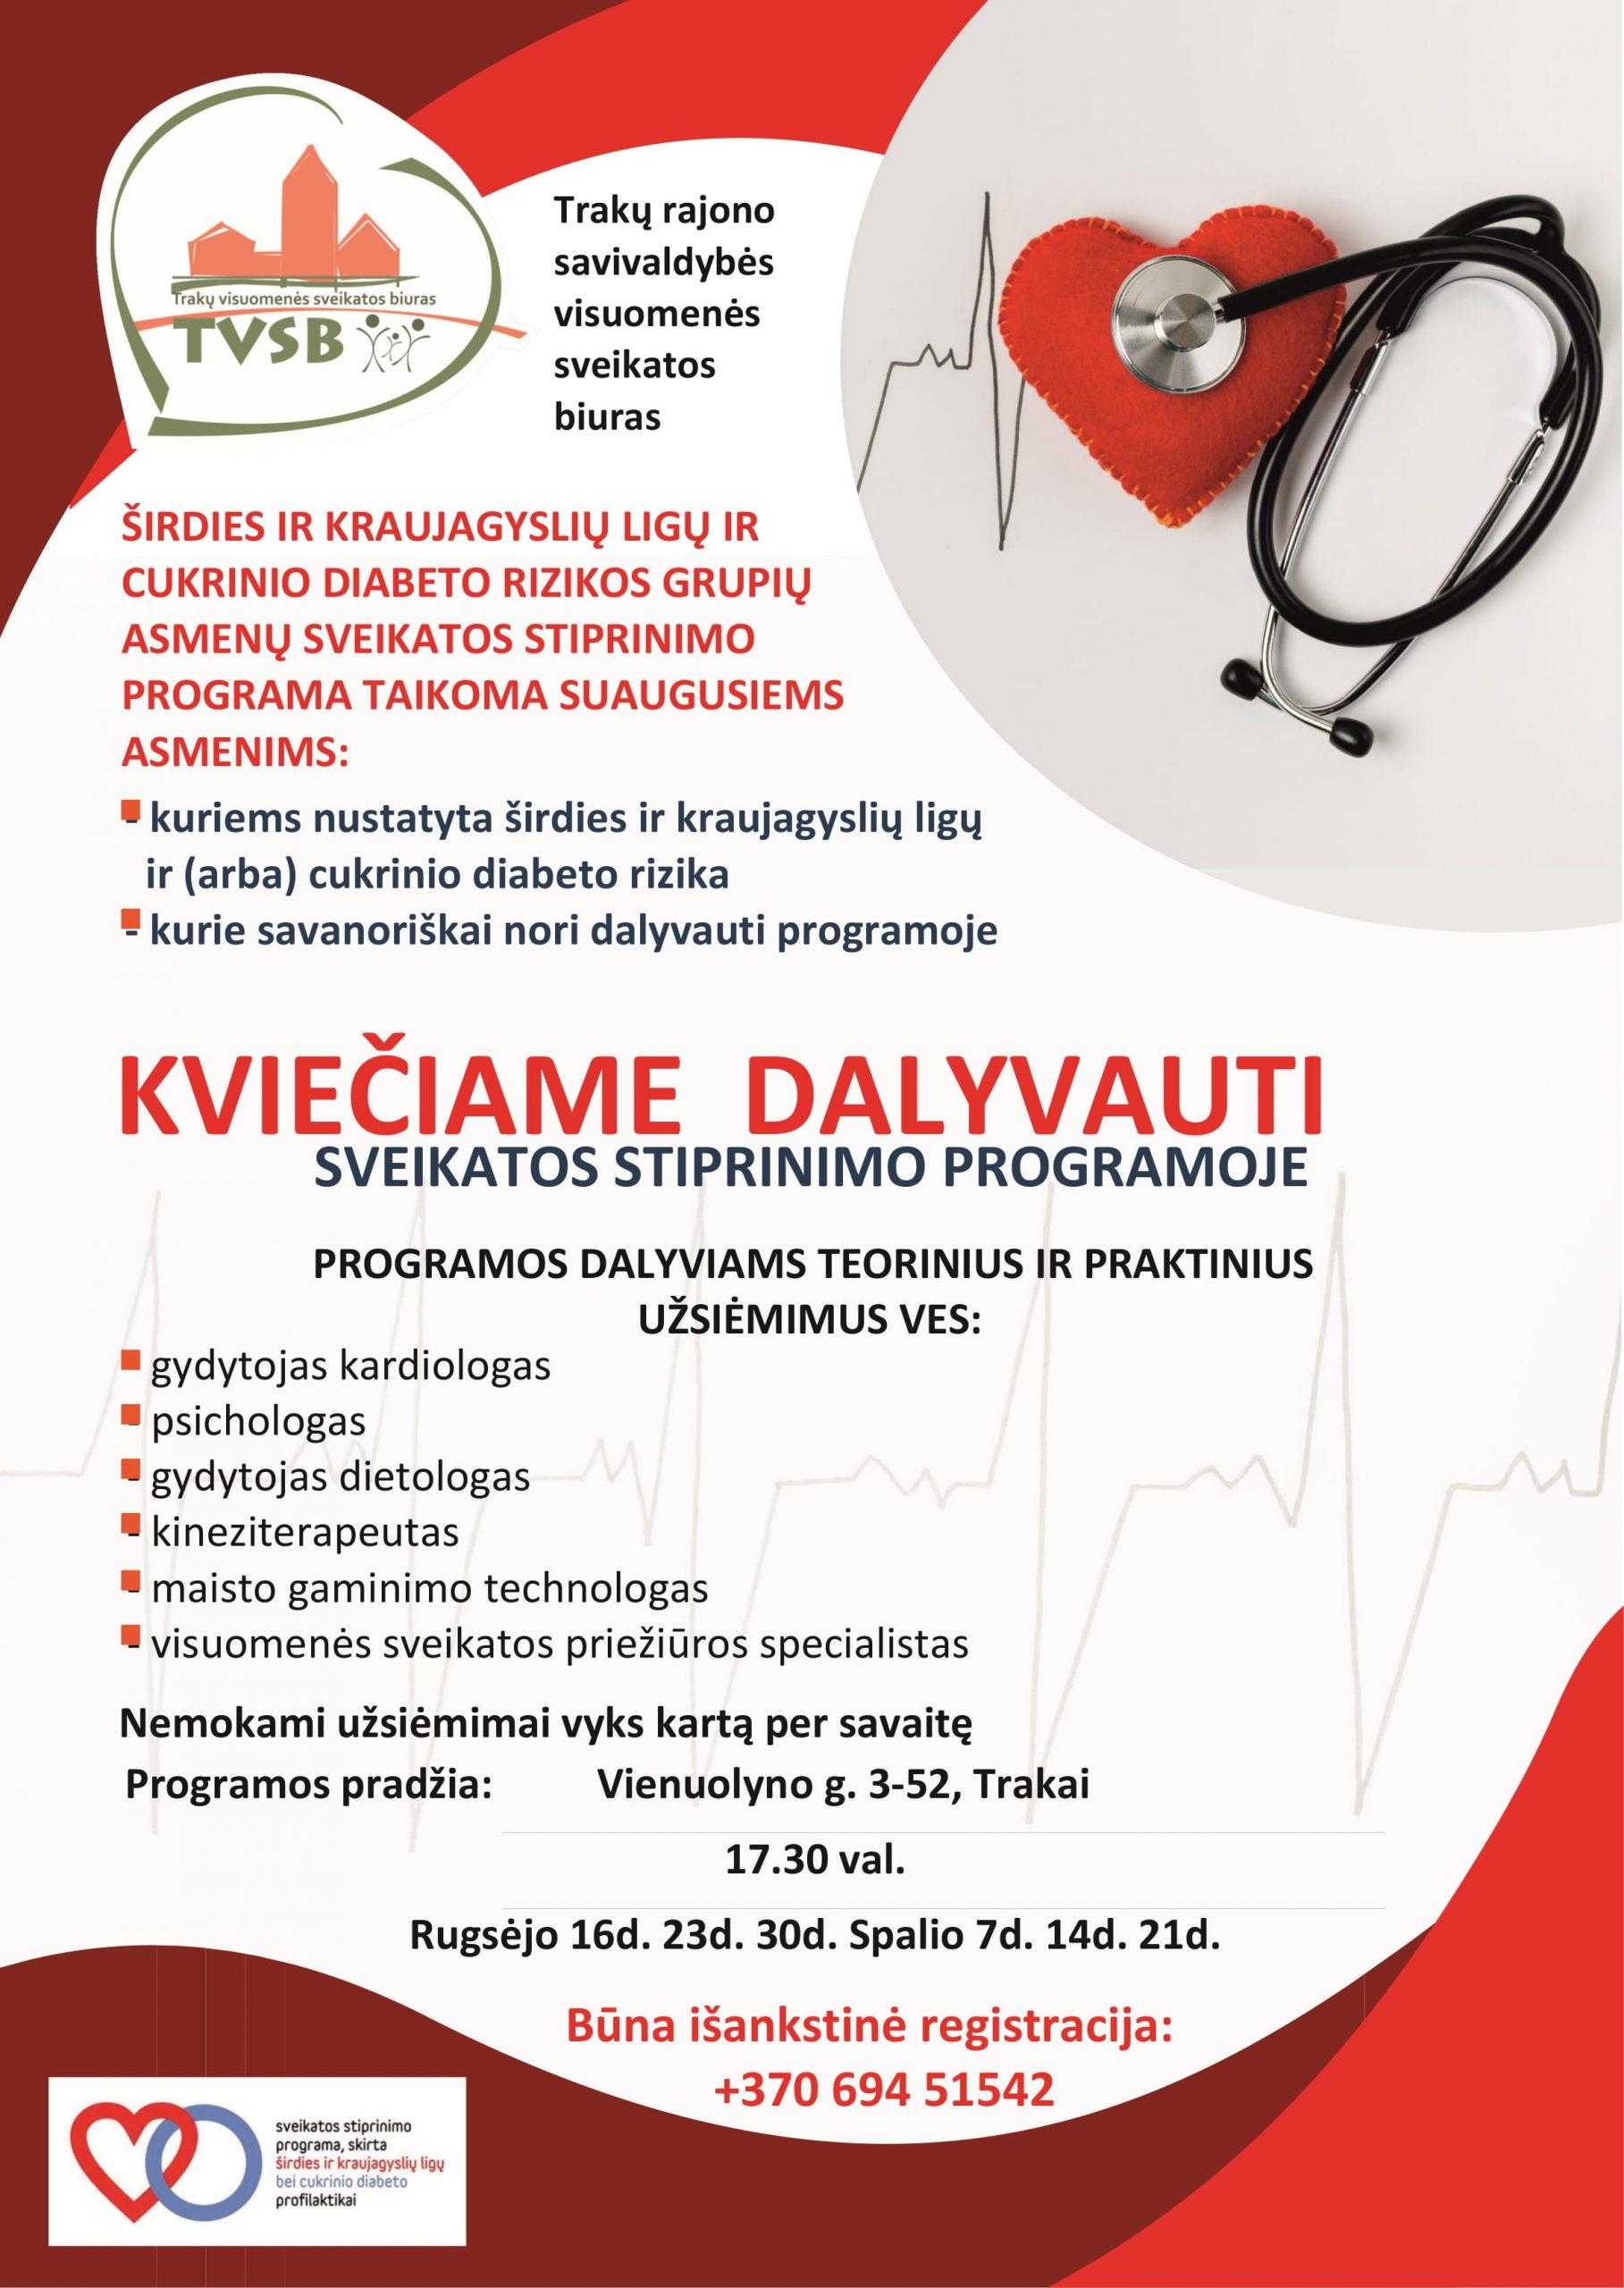 hipertenzija programoje gyventi sveikai